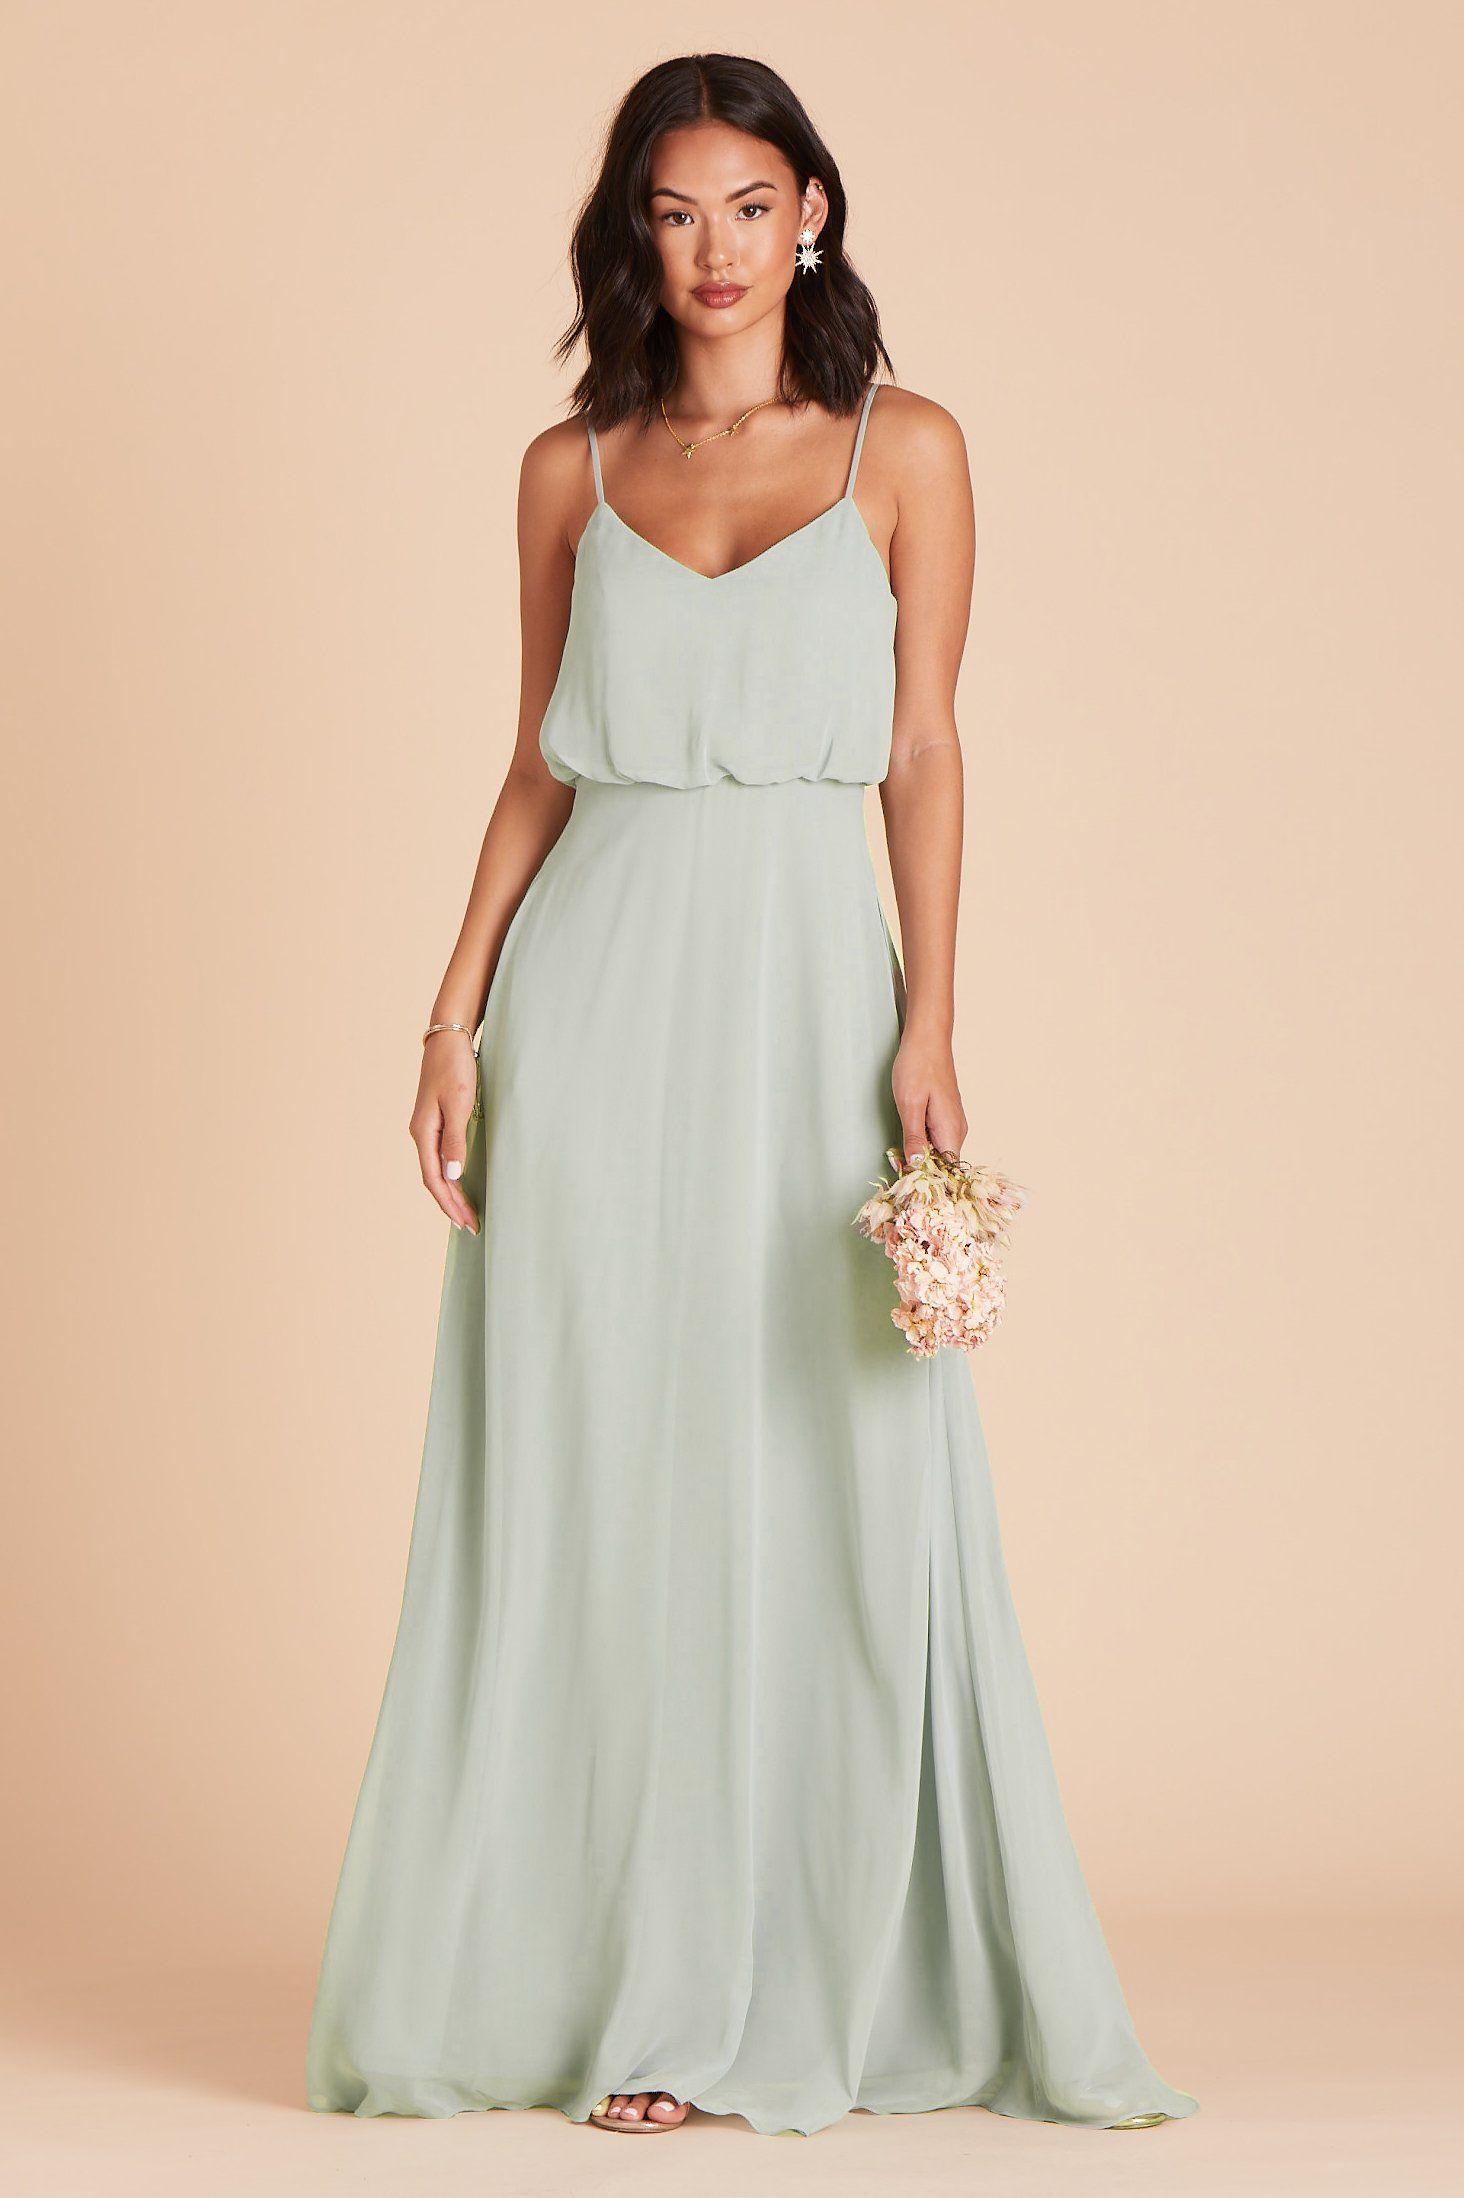 Gwennie Dress - Sage #sagegreendress